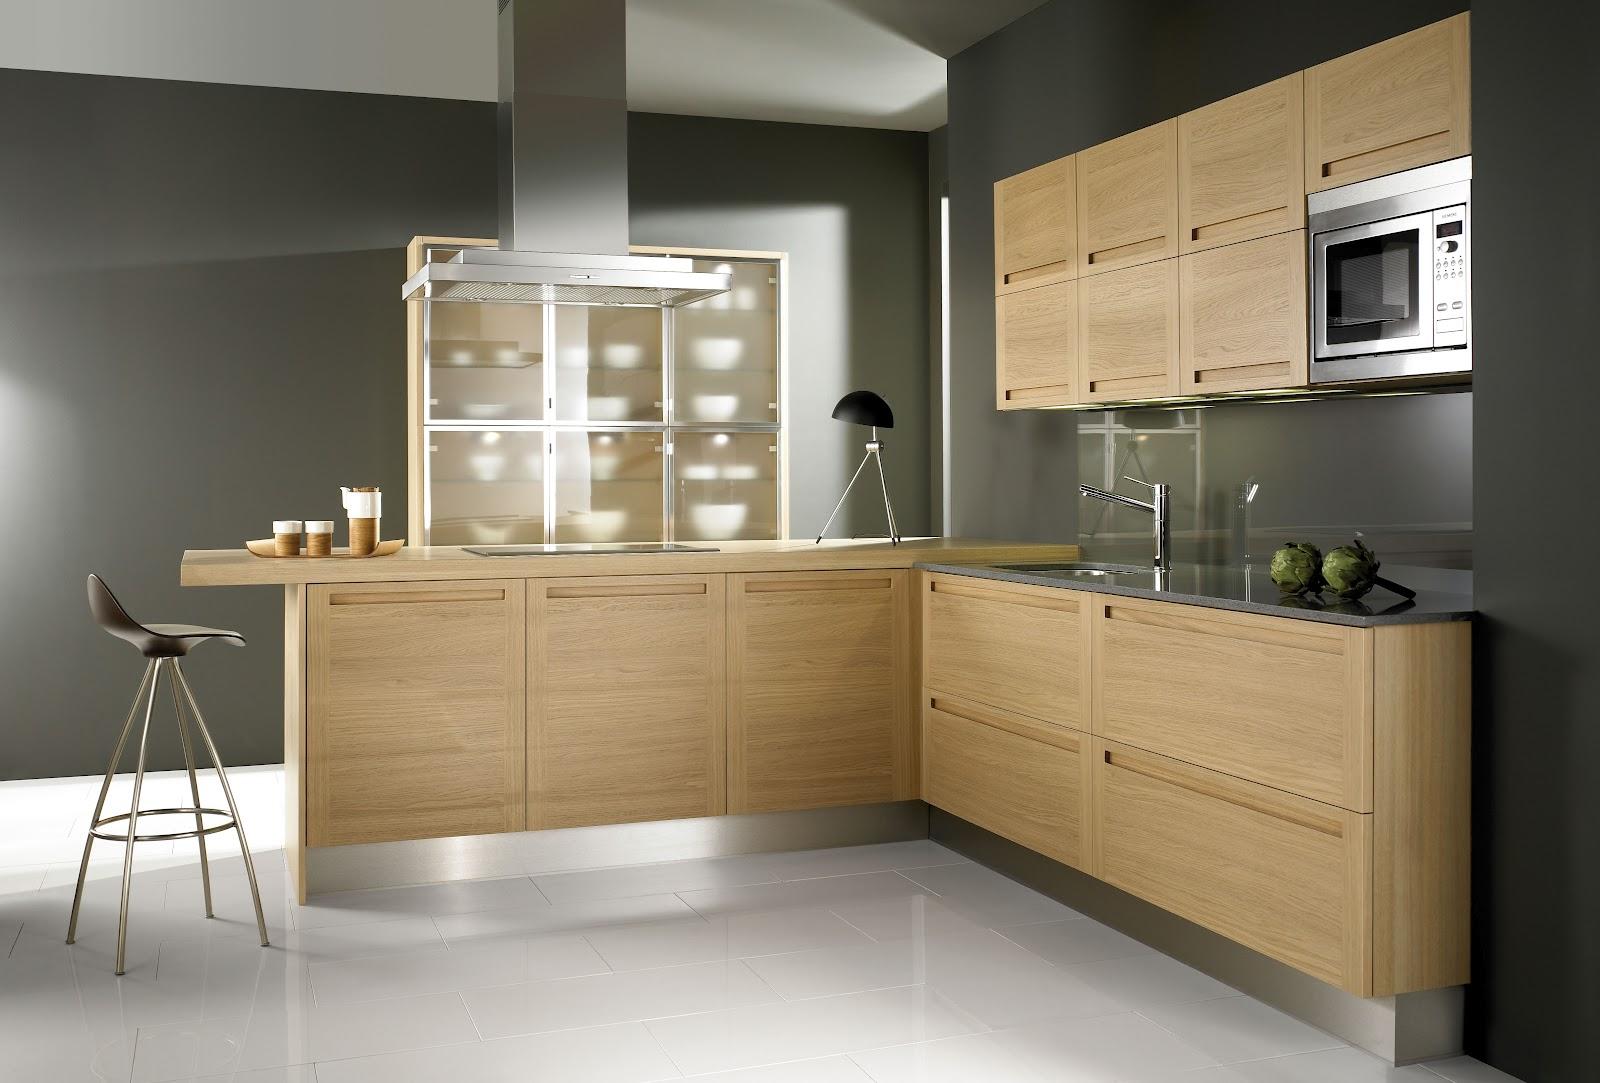 Lucas Designer de Interiores: Referências Projetos de Cozinha #8F6C3C 1600 1083